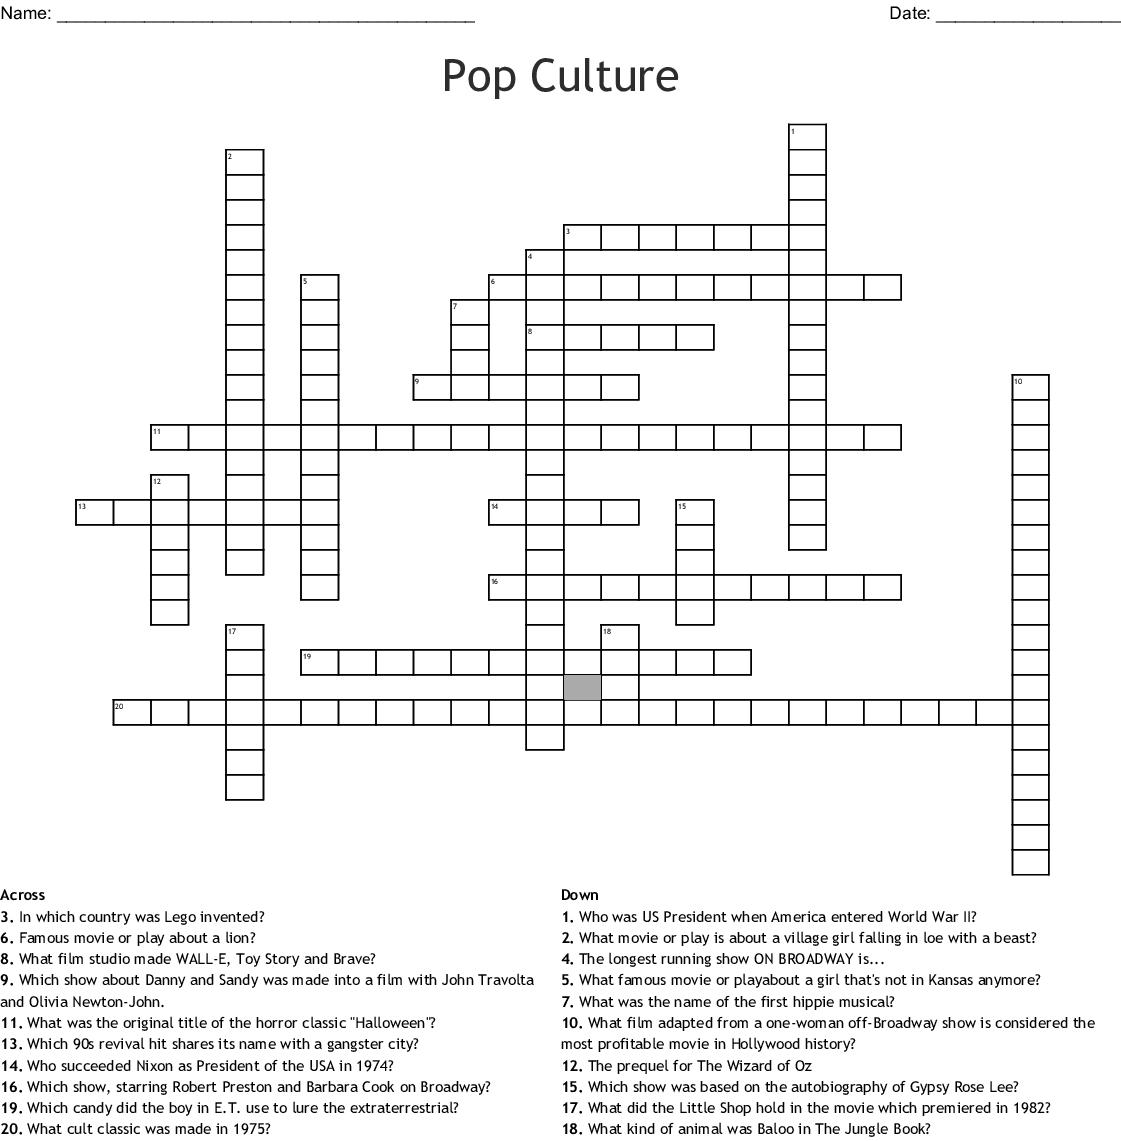 Pop Culture Crossword - Wordmint - Pop Culture Crossword Printable Free